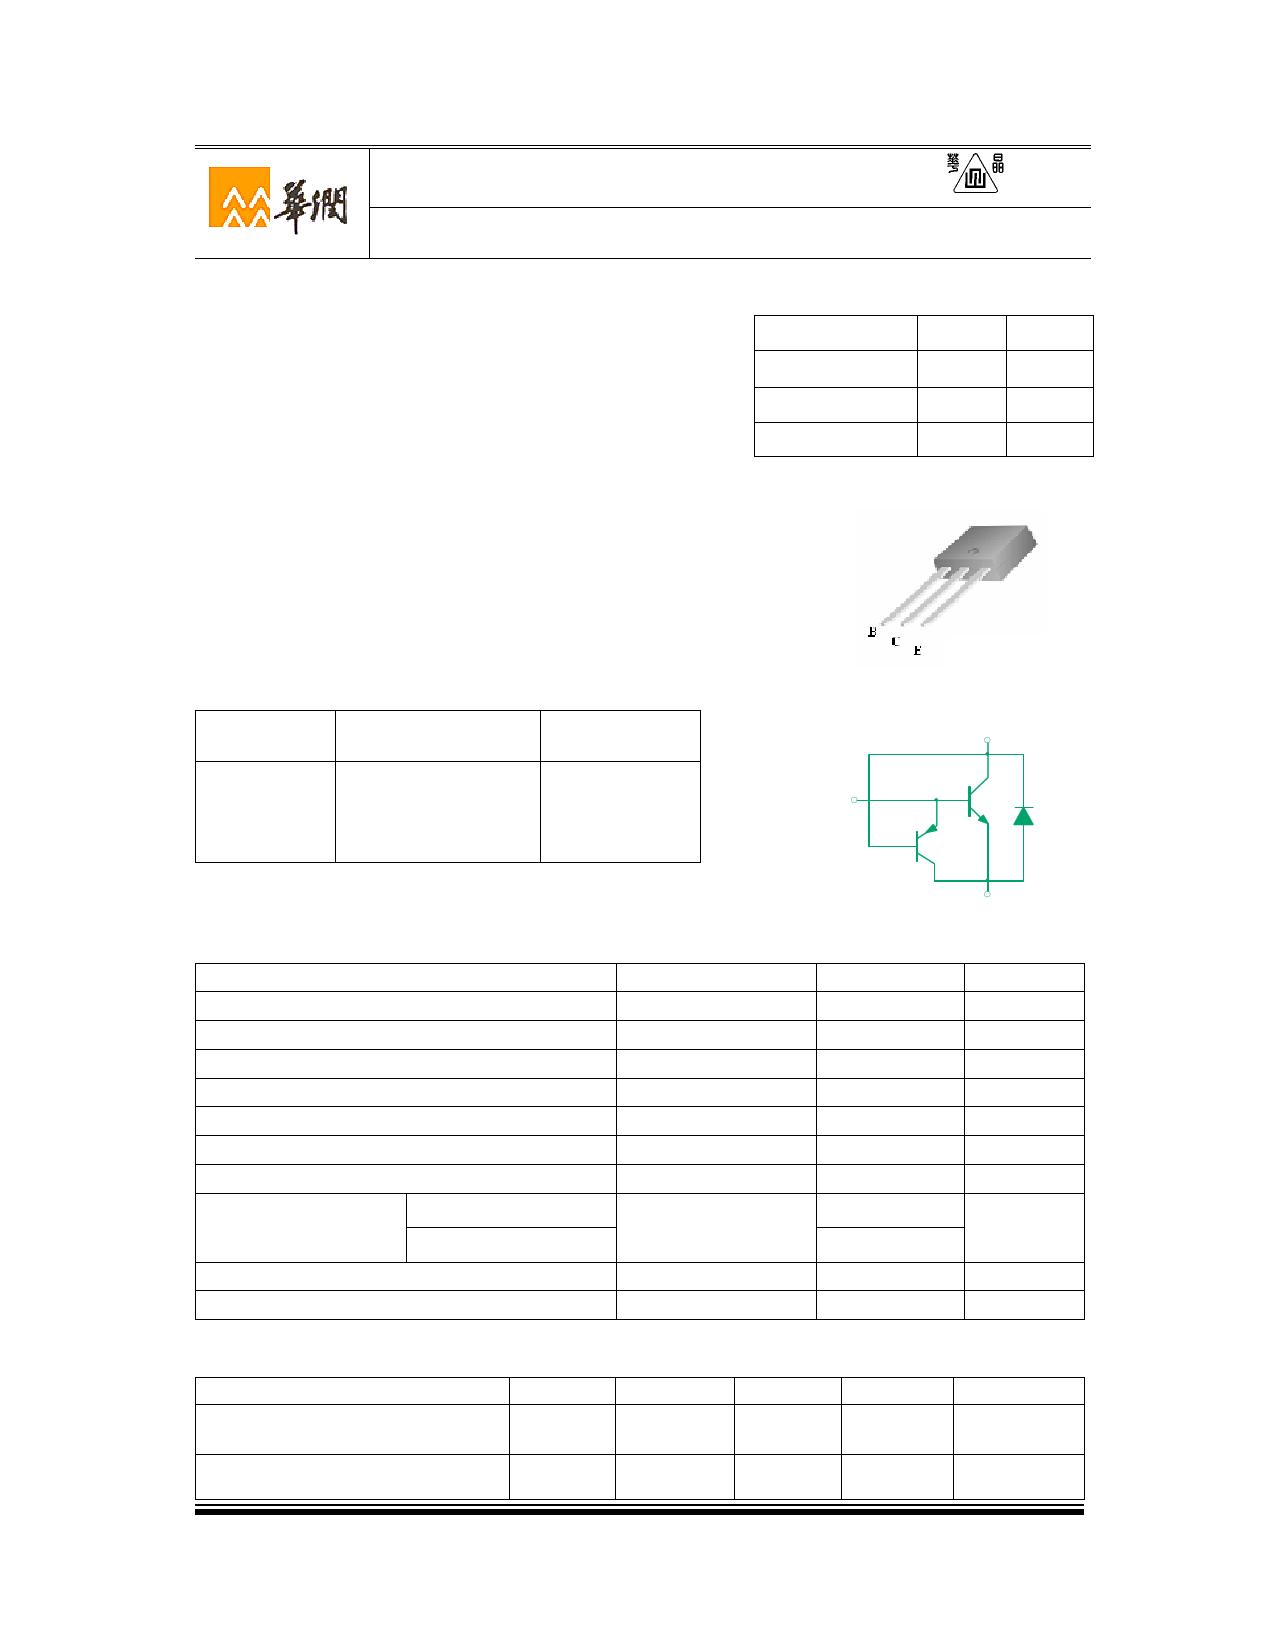 3DD13003F3D Datasheet, 3DD13003F3D PDF,ピン配置, 機能